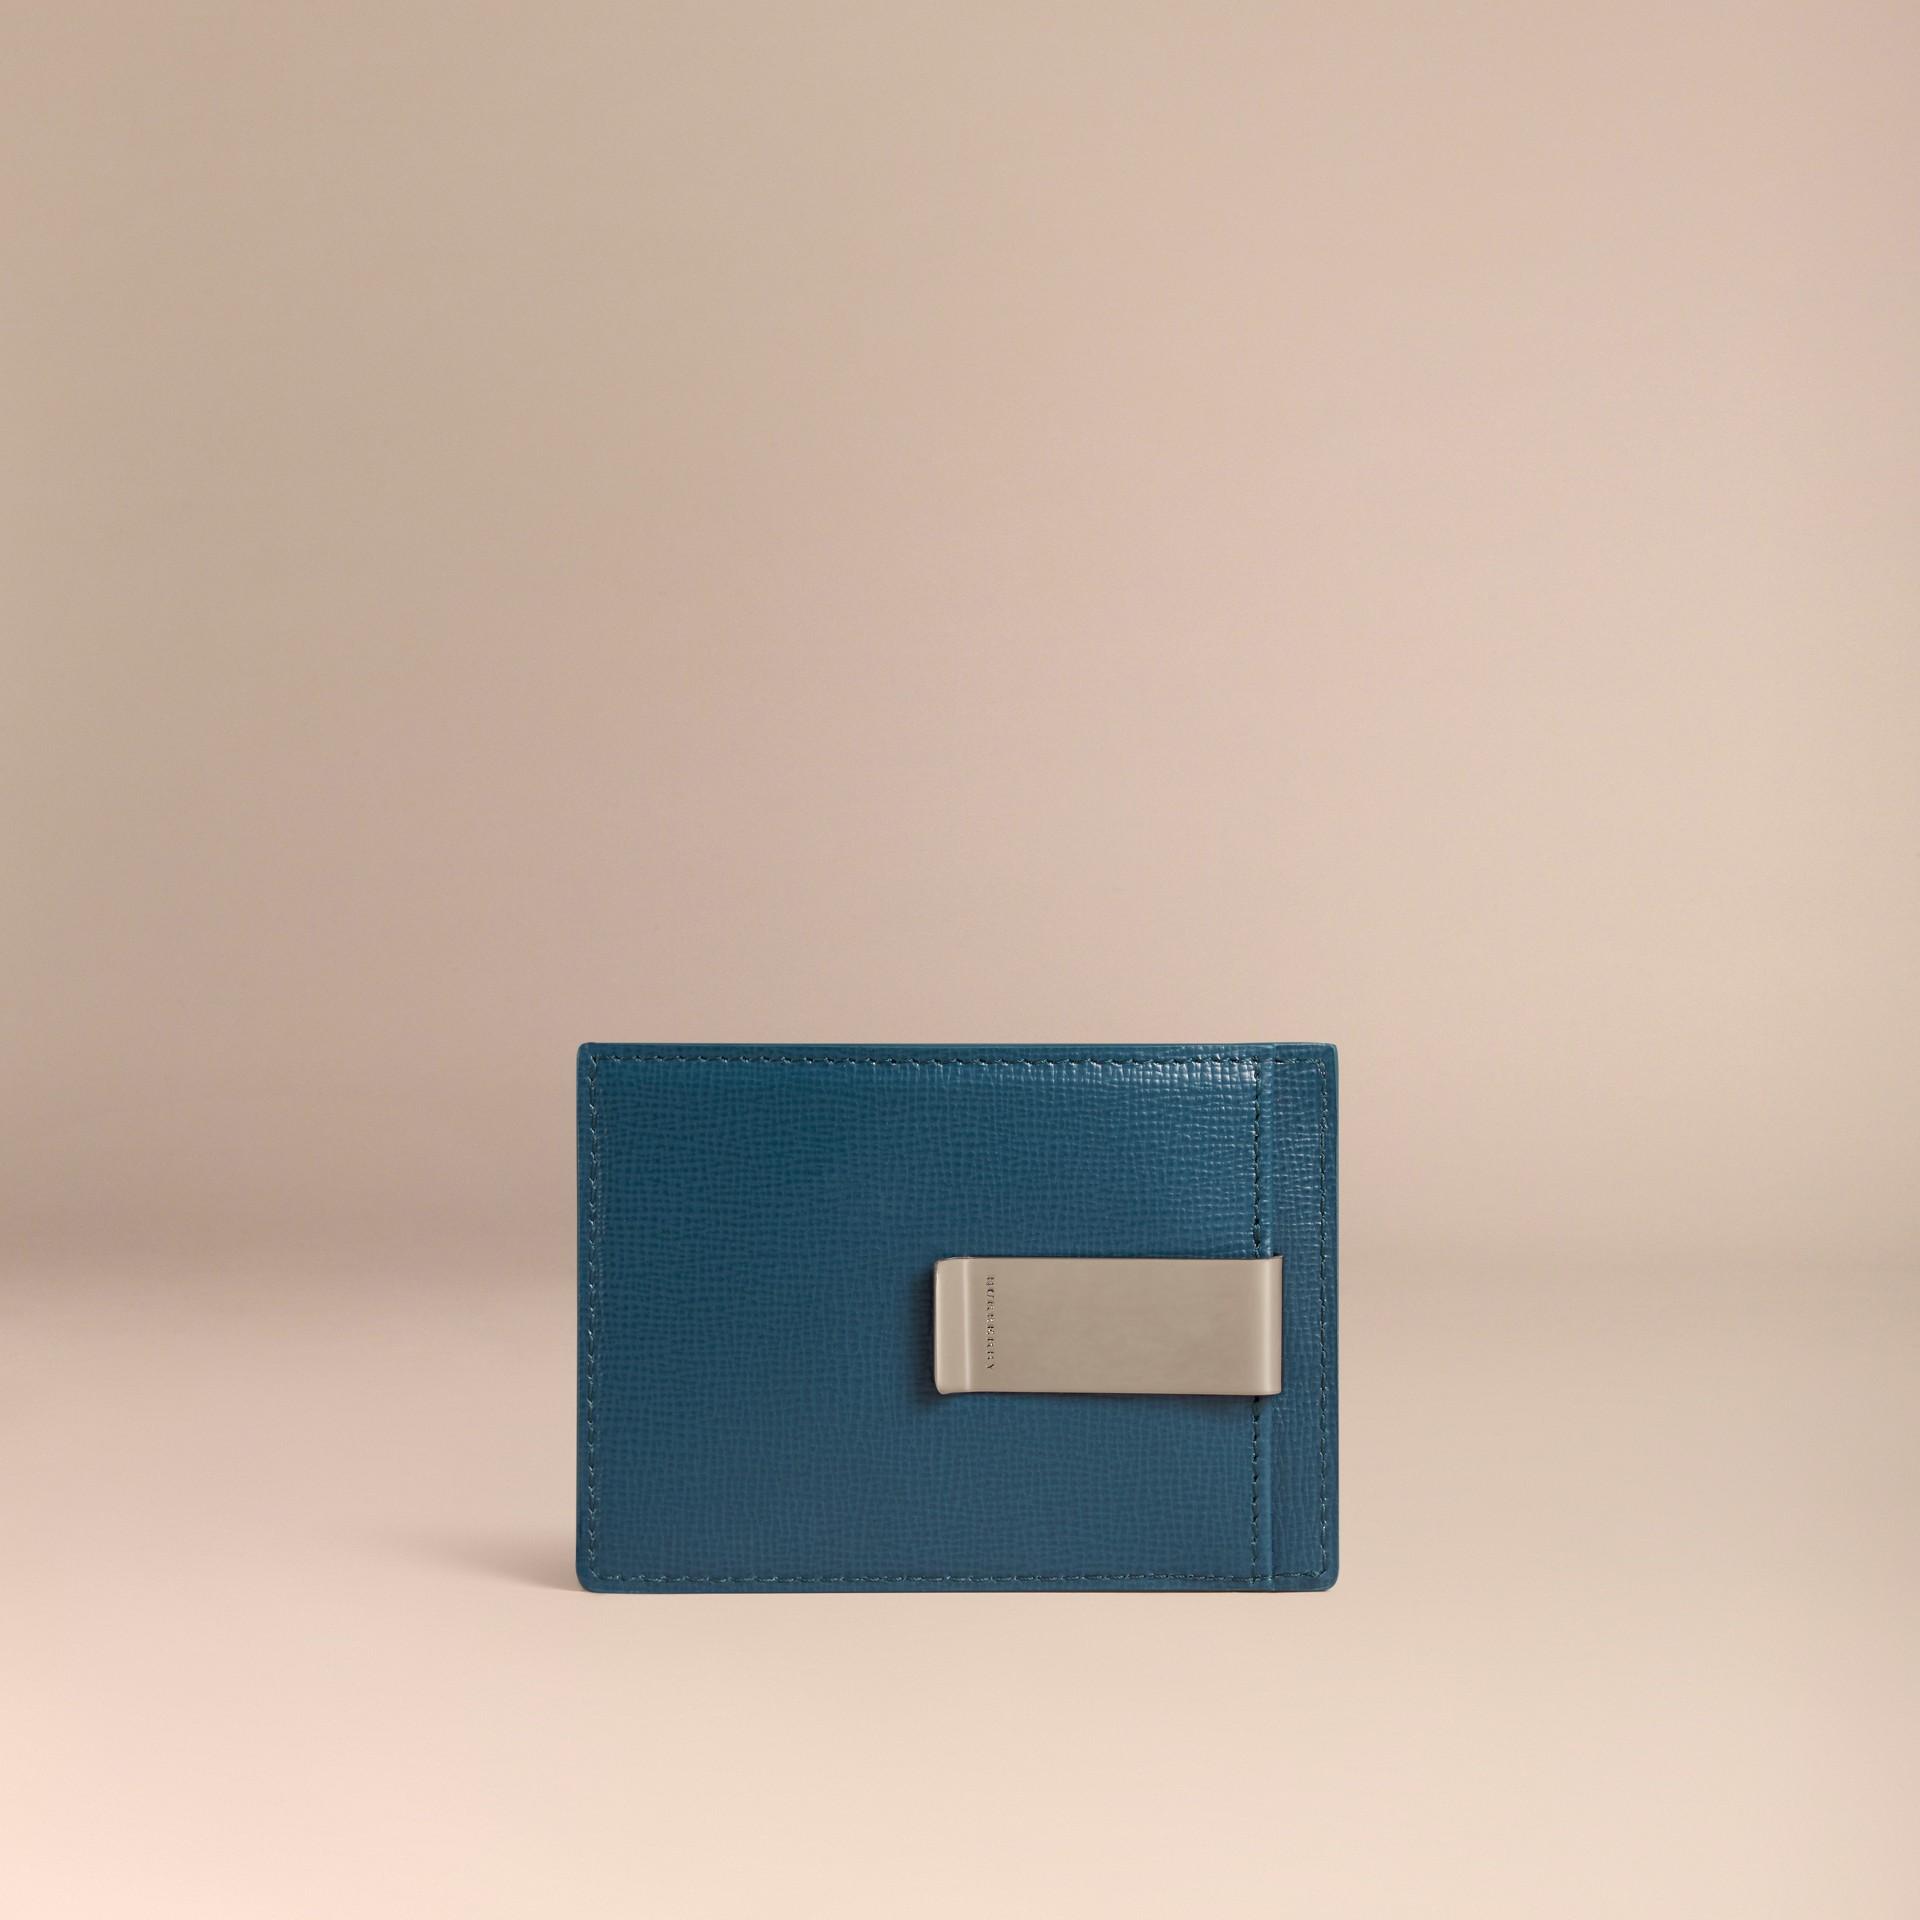 Kartenetui aus London-Leder mit Geldscheinklammer (Mineralblau) - Galerie-Bild 2